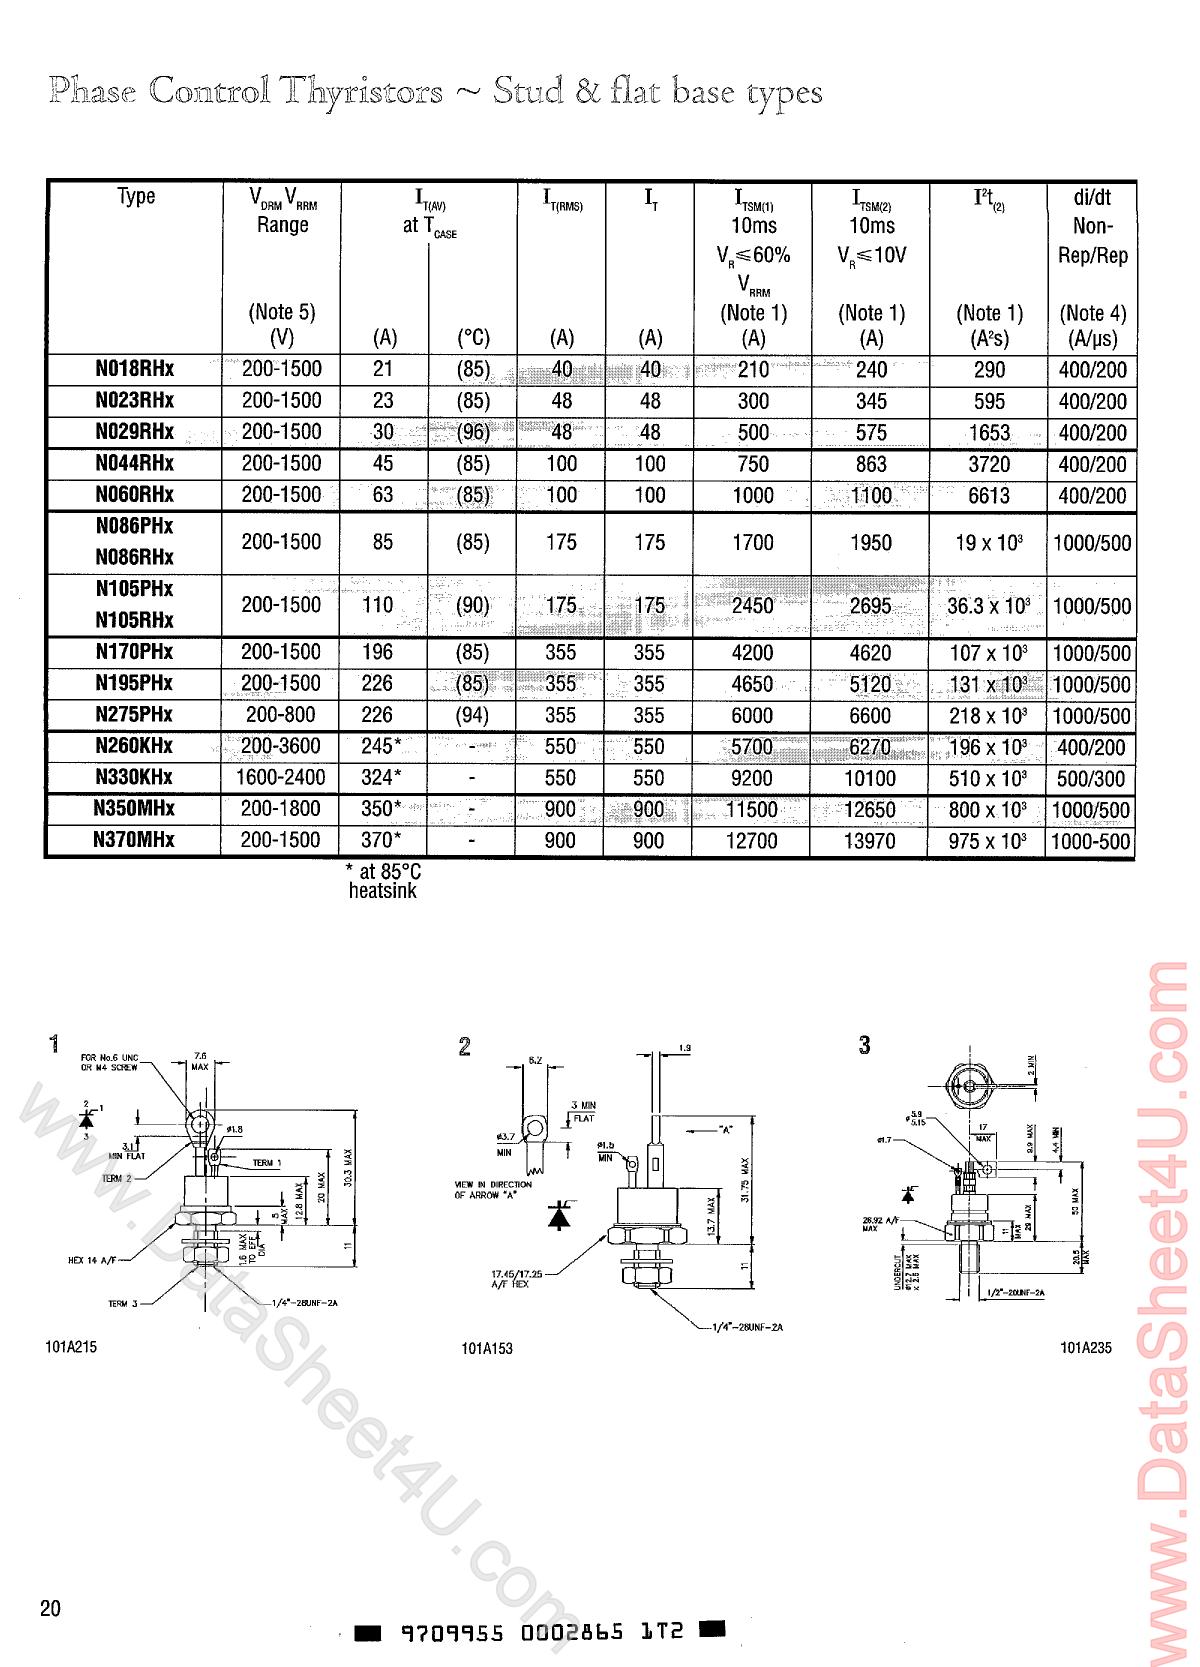 N044RH02 datasheet